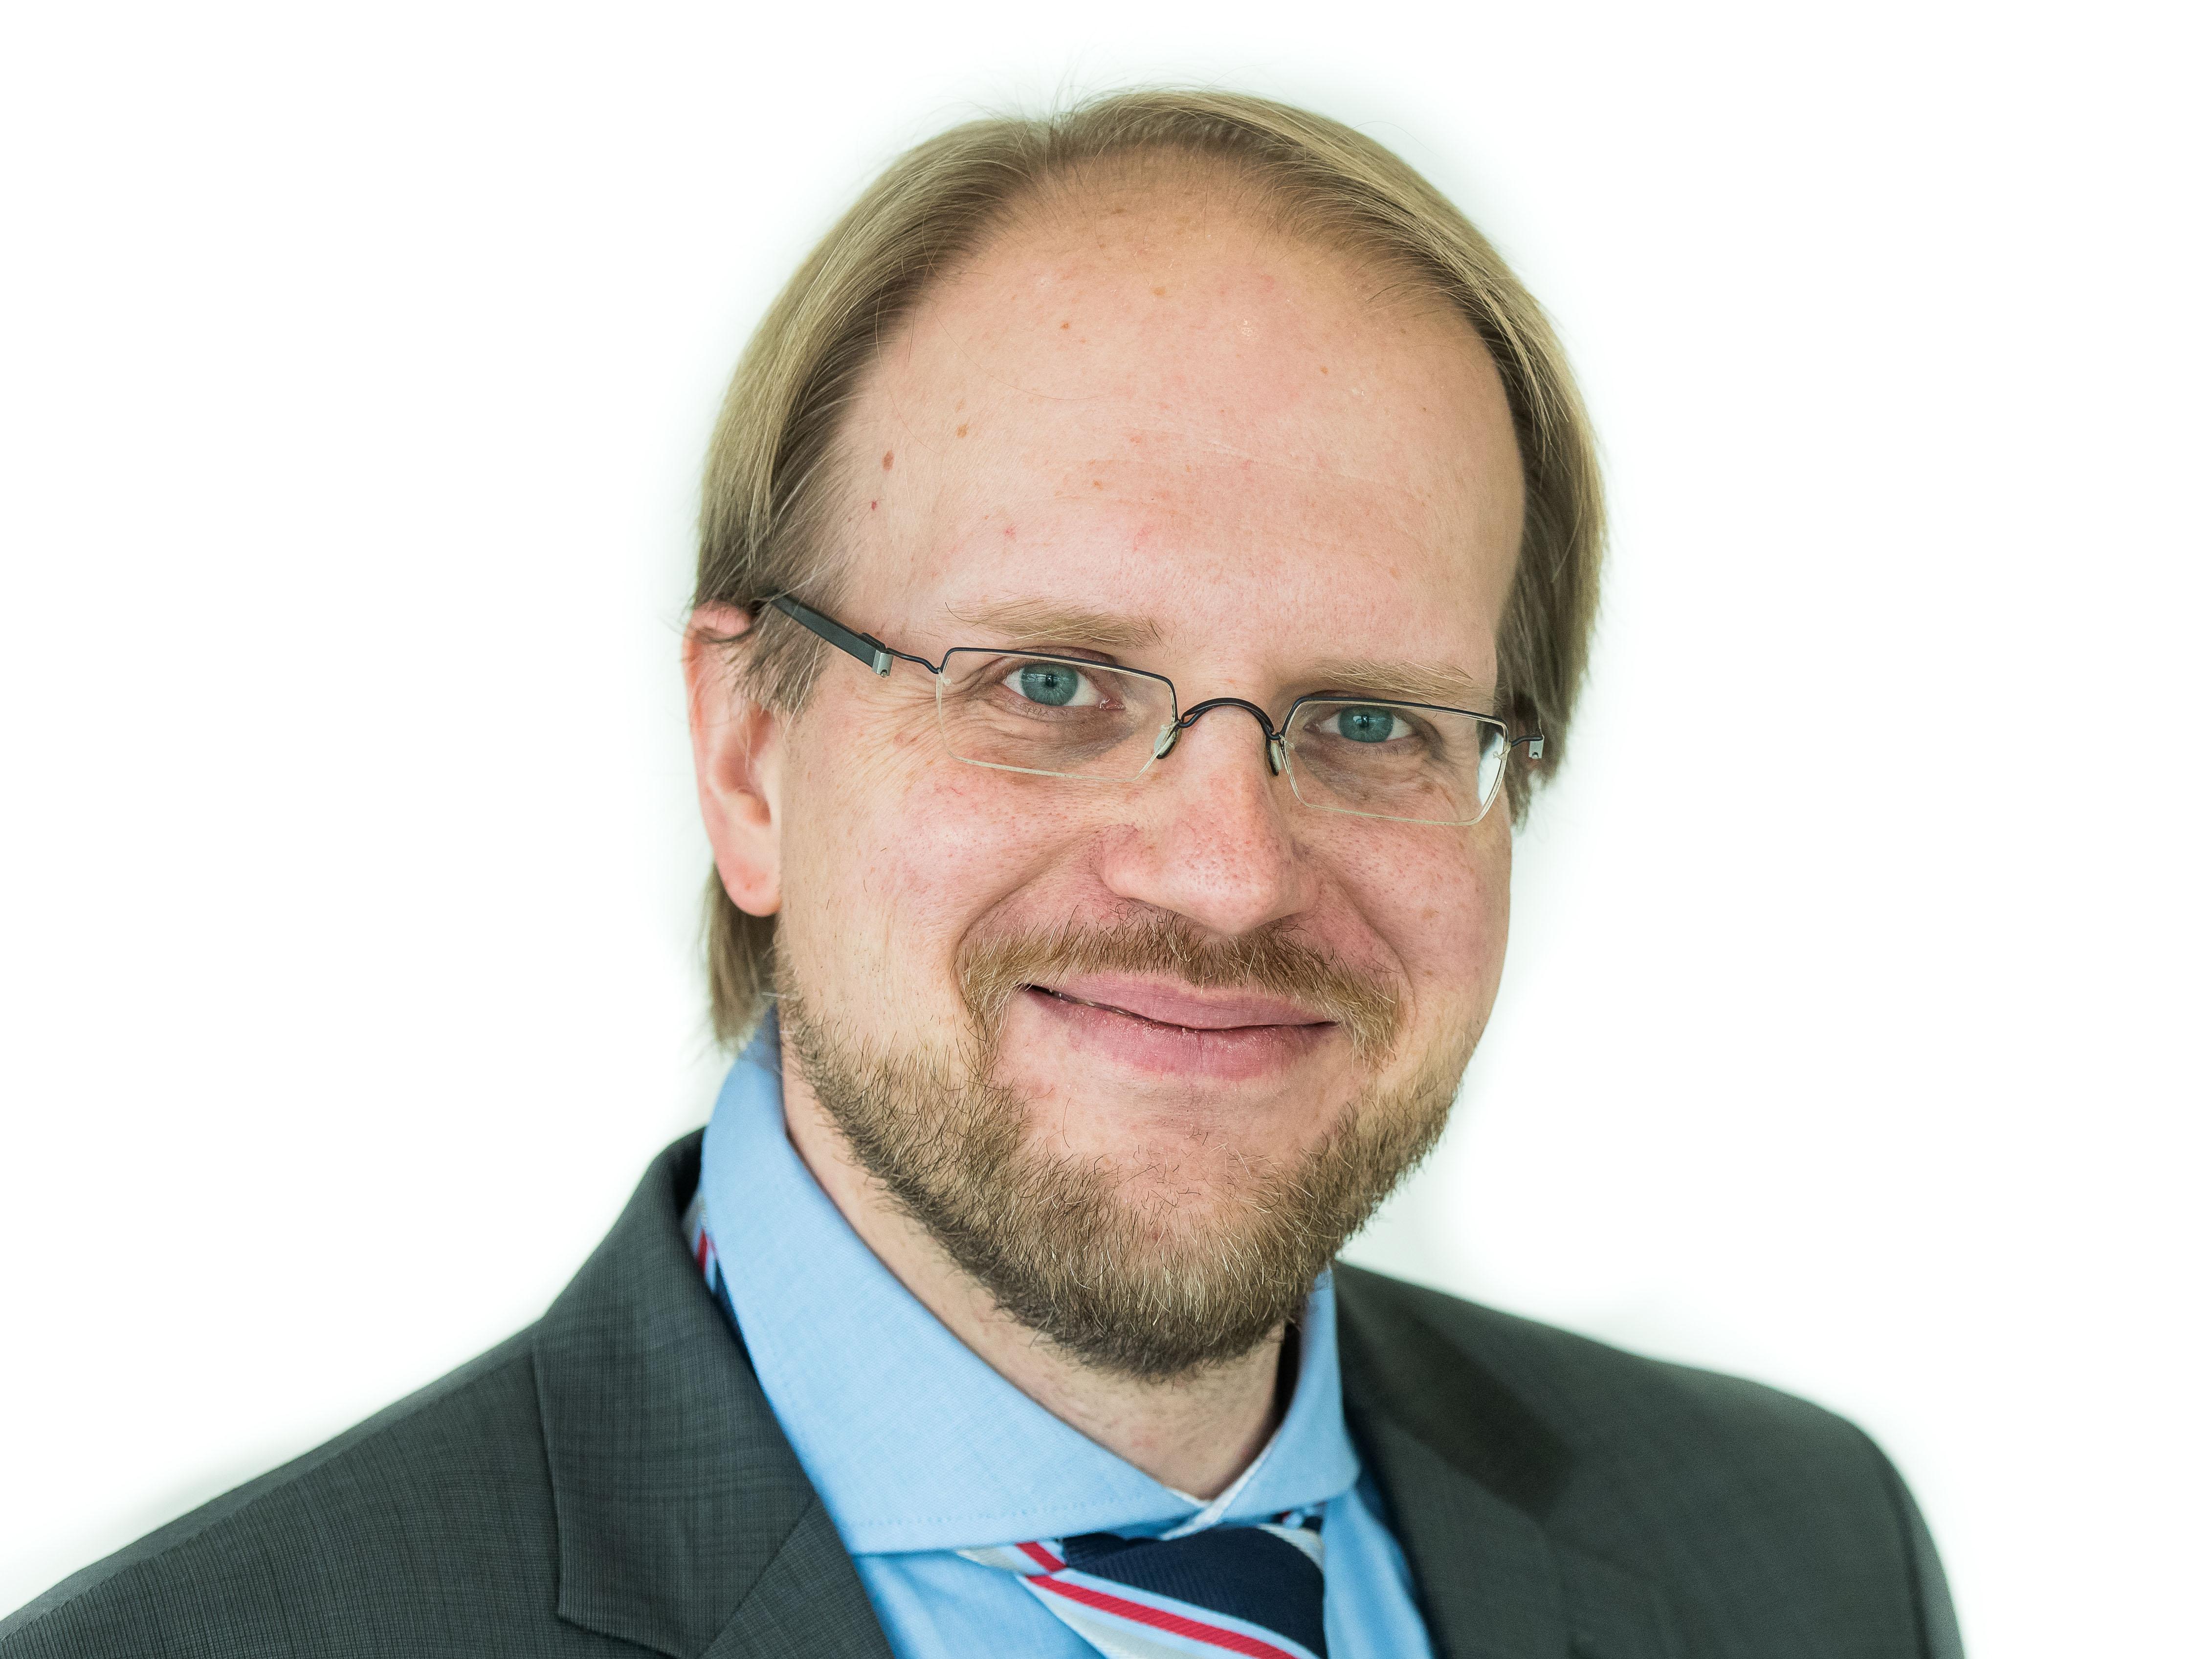 fischer-neutral-dsc-7797-4x3-foto-klaus-polkowski.jpg